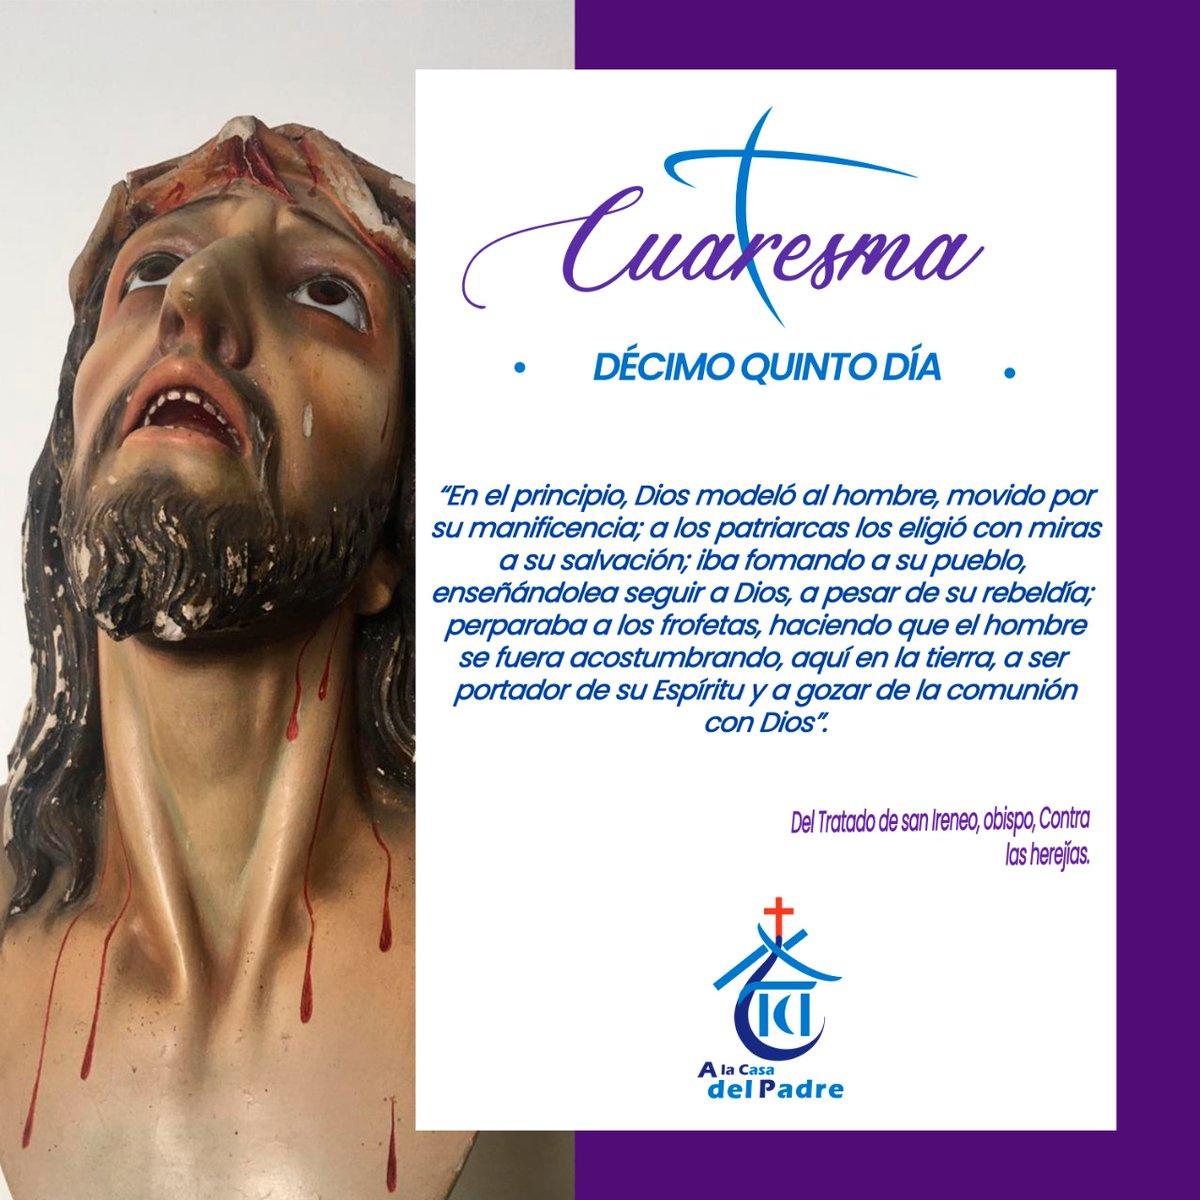 El Hijo del hombre vino a servir, no hacer servido/03-02-2021 #catolicos #religion #cuaresma #jovenescristianos